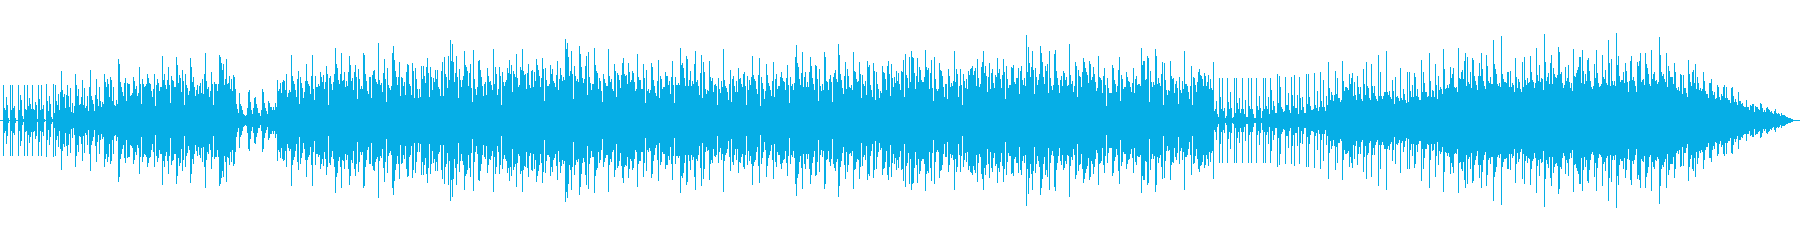 ピアノの美しい和音のループ系グルーヴの再生済みの波形